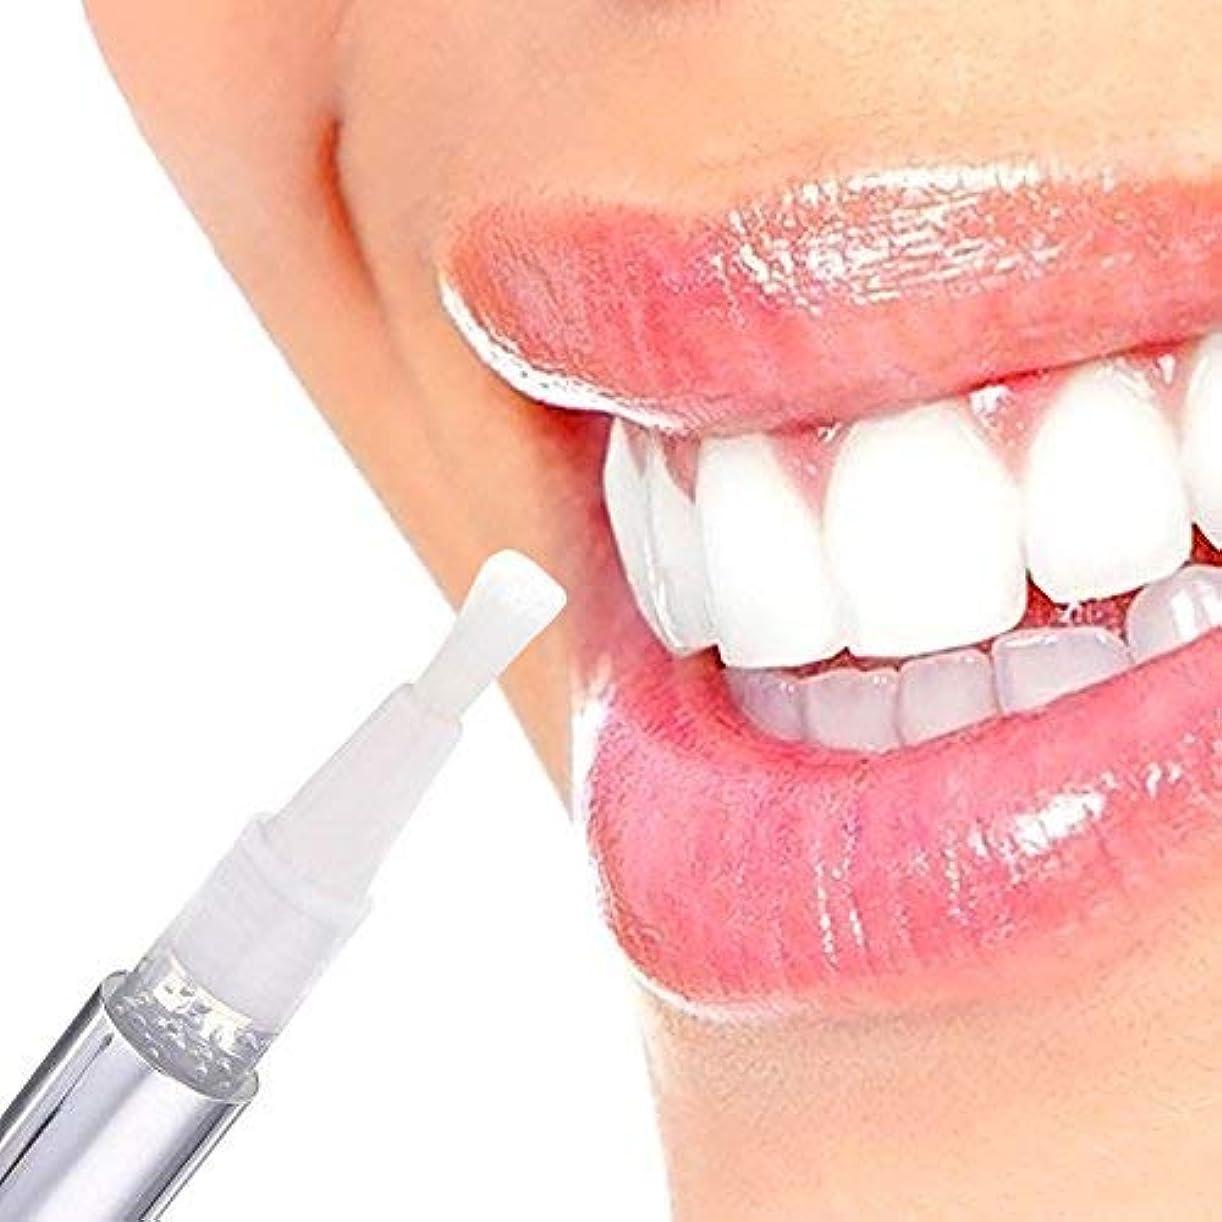 反逆者ダイエット後Nat 1PCS Hot Creative Effective Teeth Whitening Pen Tooth Gel Whitener Bleach Stain Eraser Sexy Celebrity Smile...